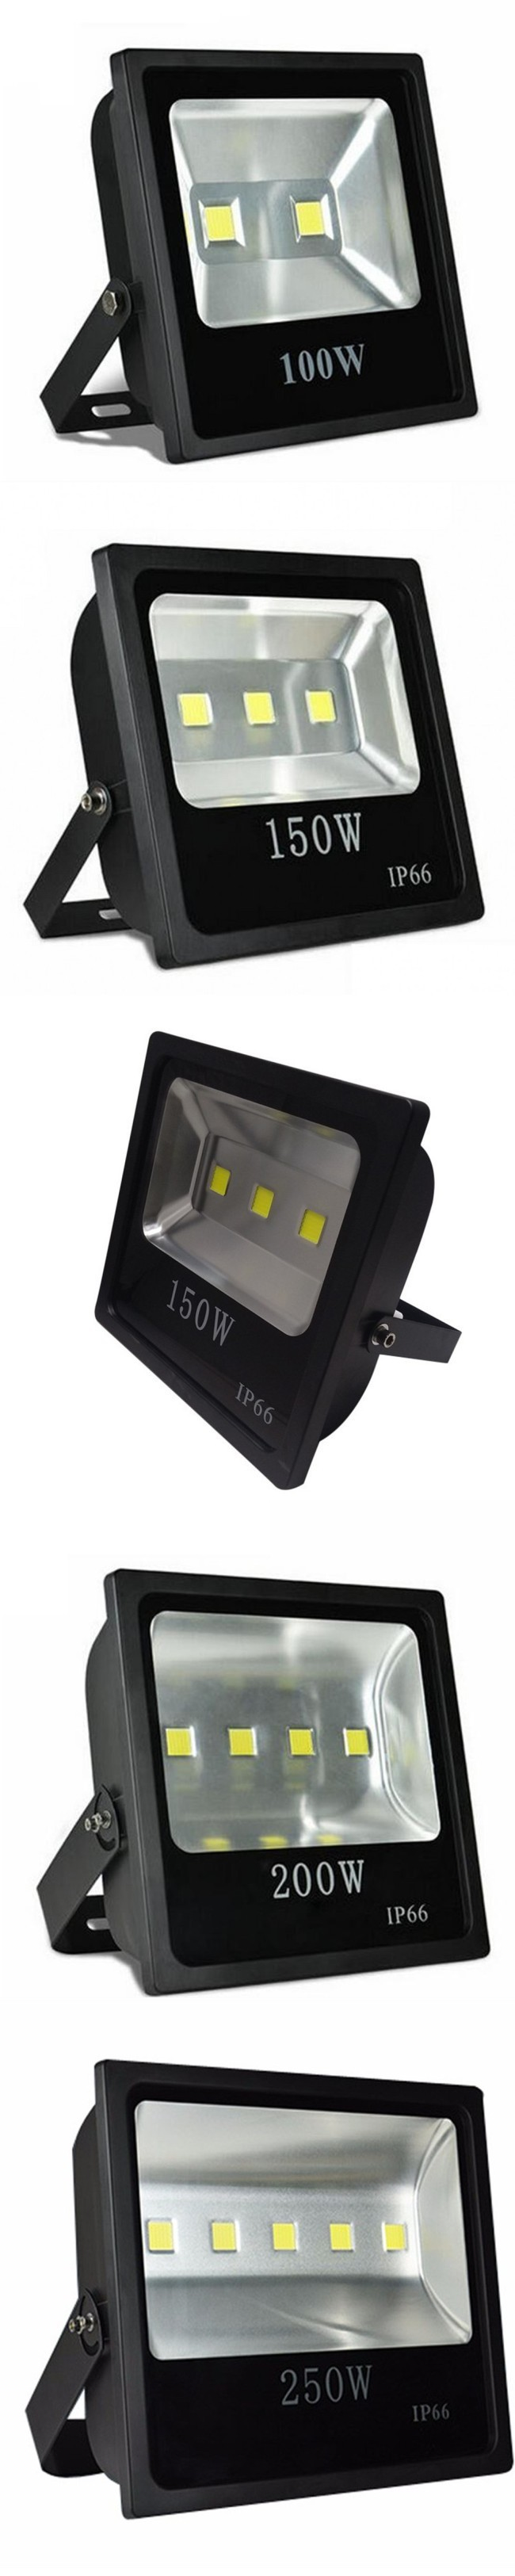 160W COB LED Floodlight Outdoor Cheap Light 110V 220V (100W-.83/120W-.23/150W-.01/160W-.54/200W-.92/250W-.53) 2-Year Warranty